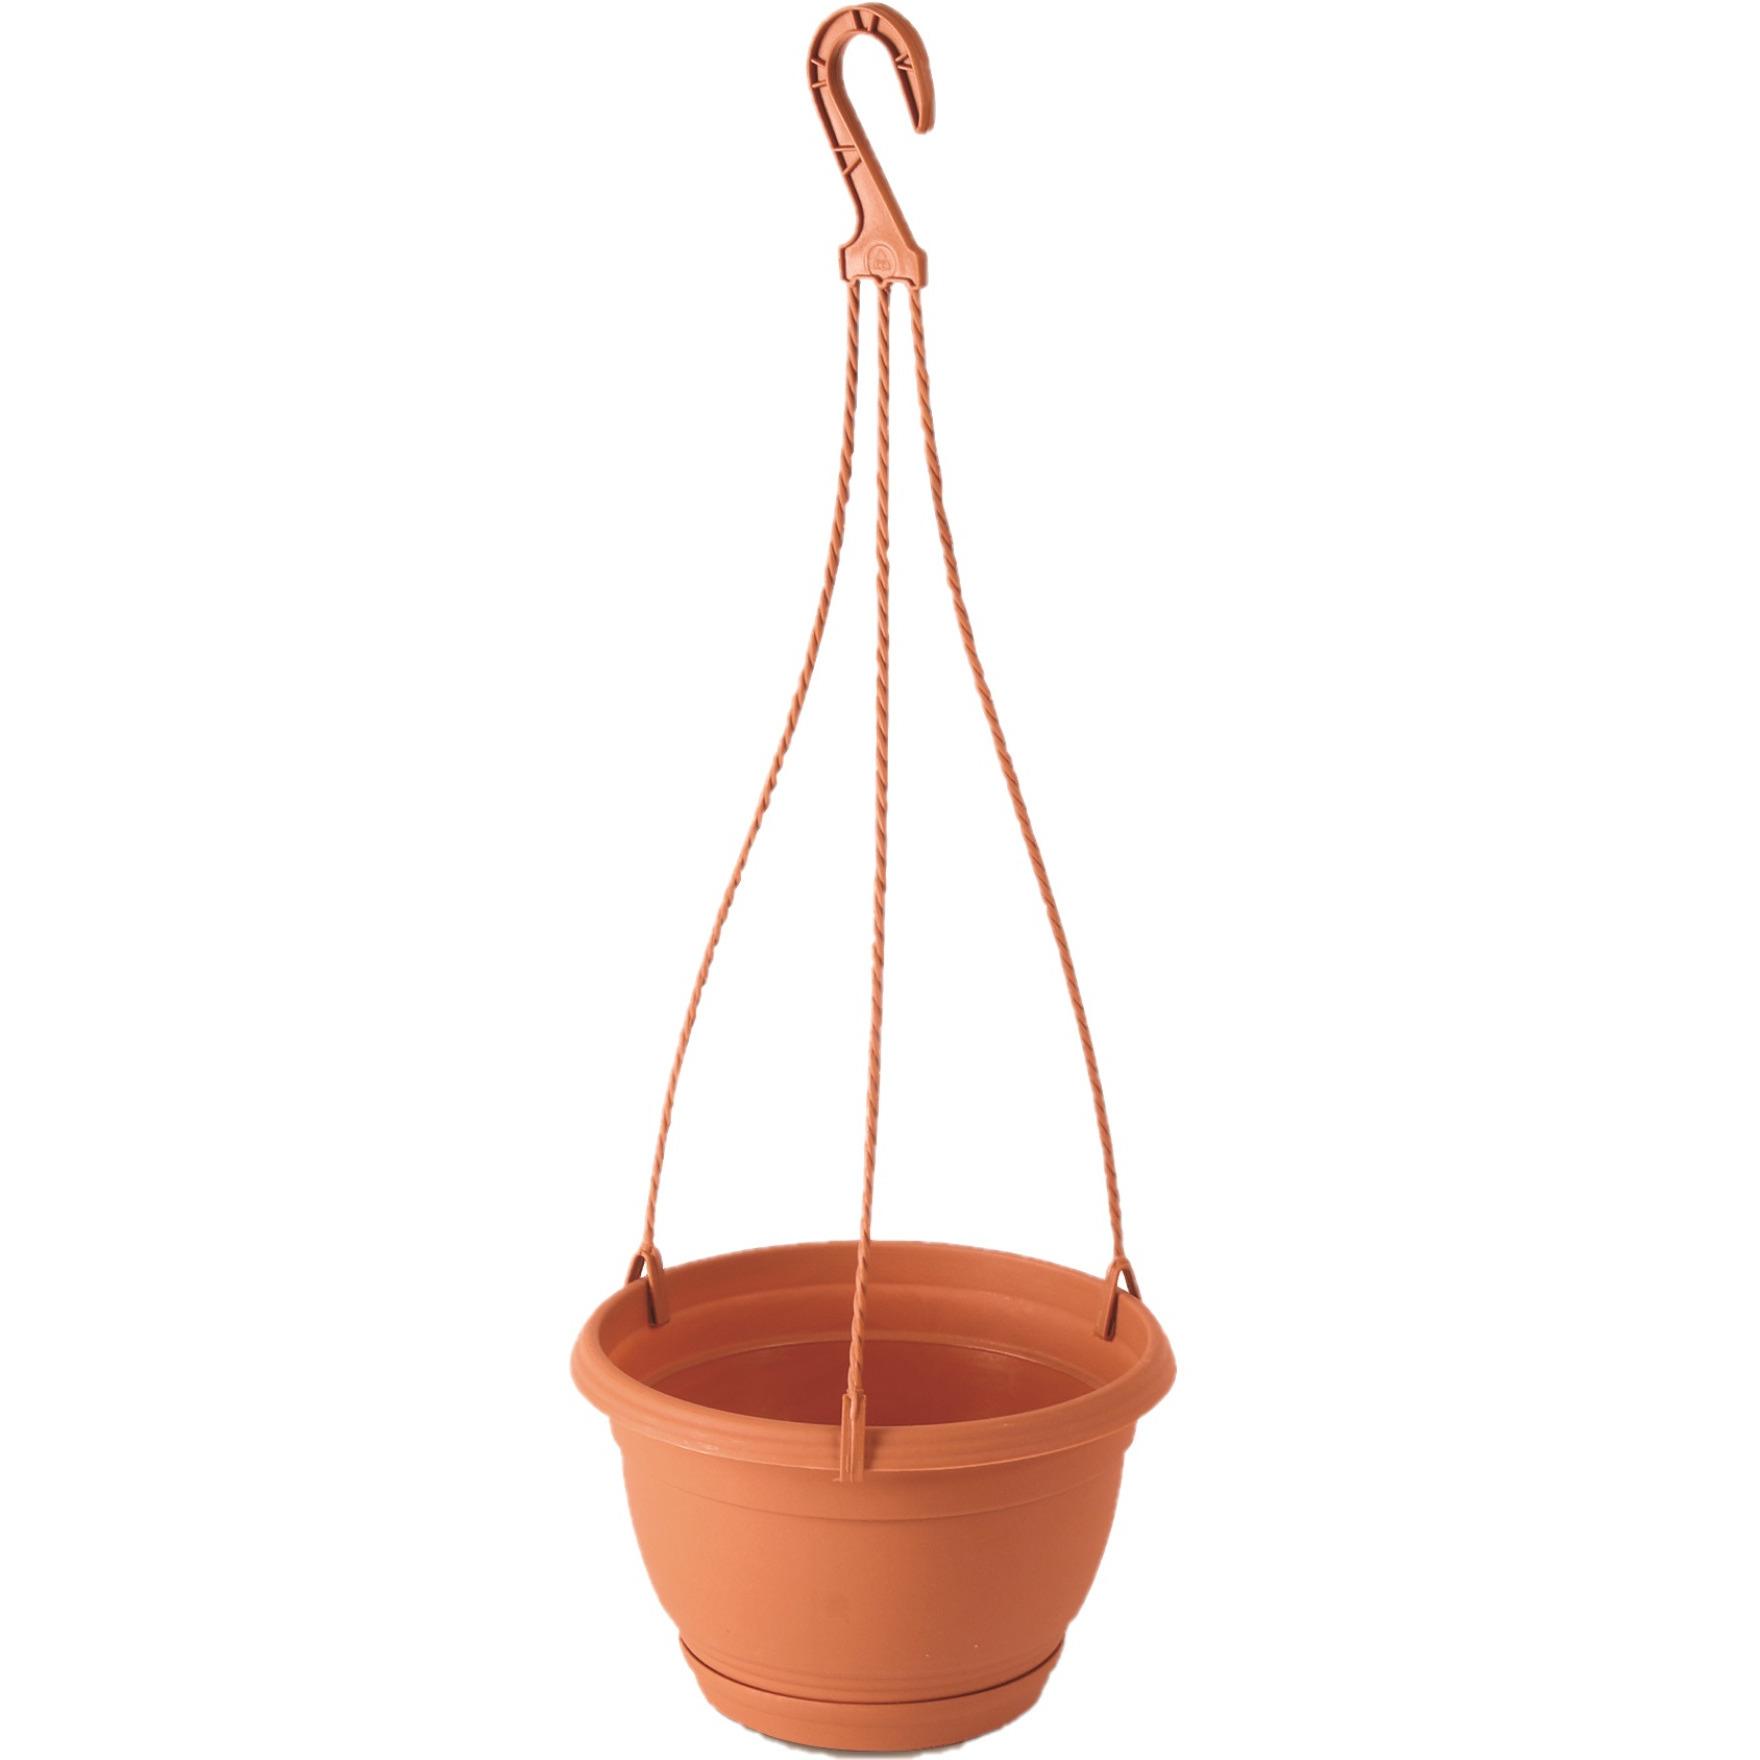 1x Stuks hangende kunststof Agro terracotta bloempot-plantenpot met schotel 2 liter